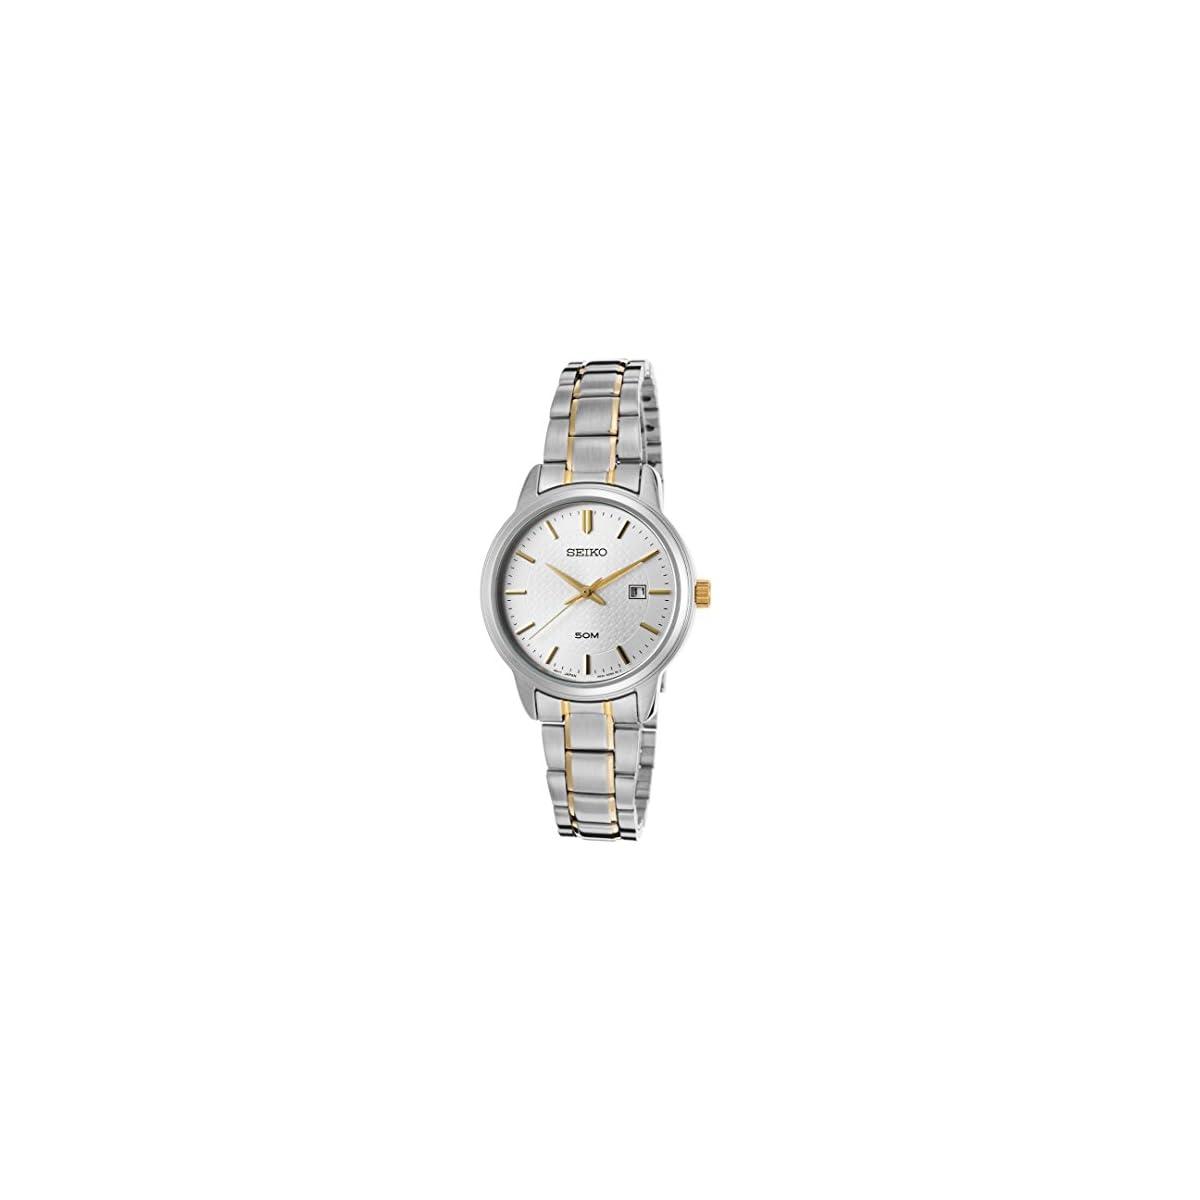 41Nnx6gAl0L. SS1200  - Seiko Reloj Analogico para Mujer de Cuarzo con Correa en Acero Inoxidable SUR745P1